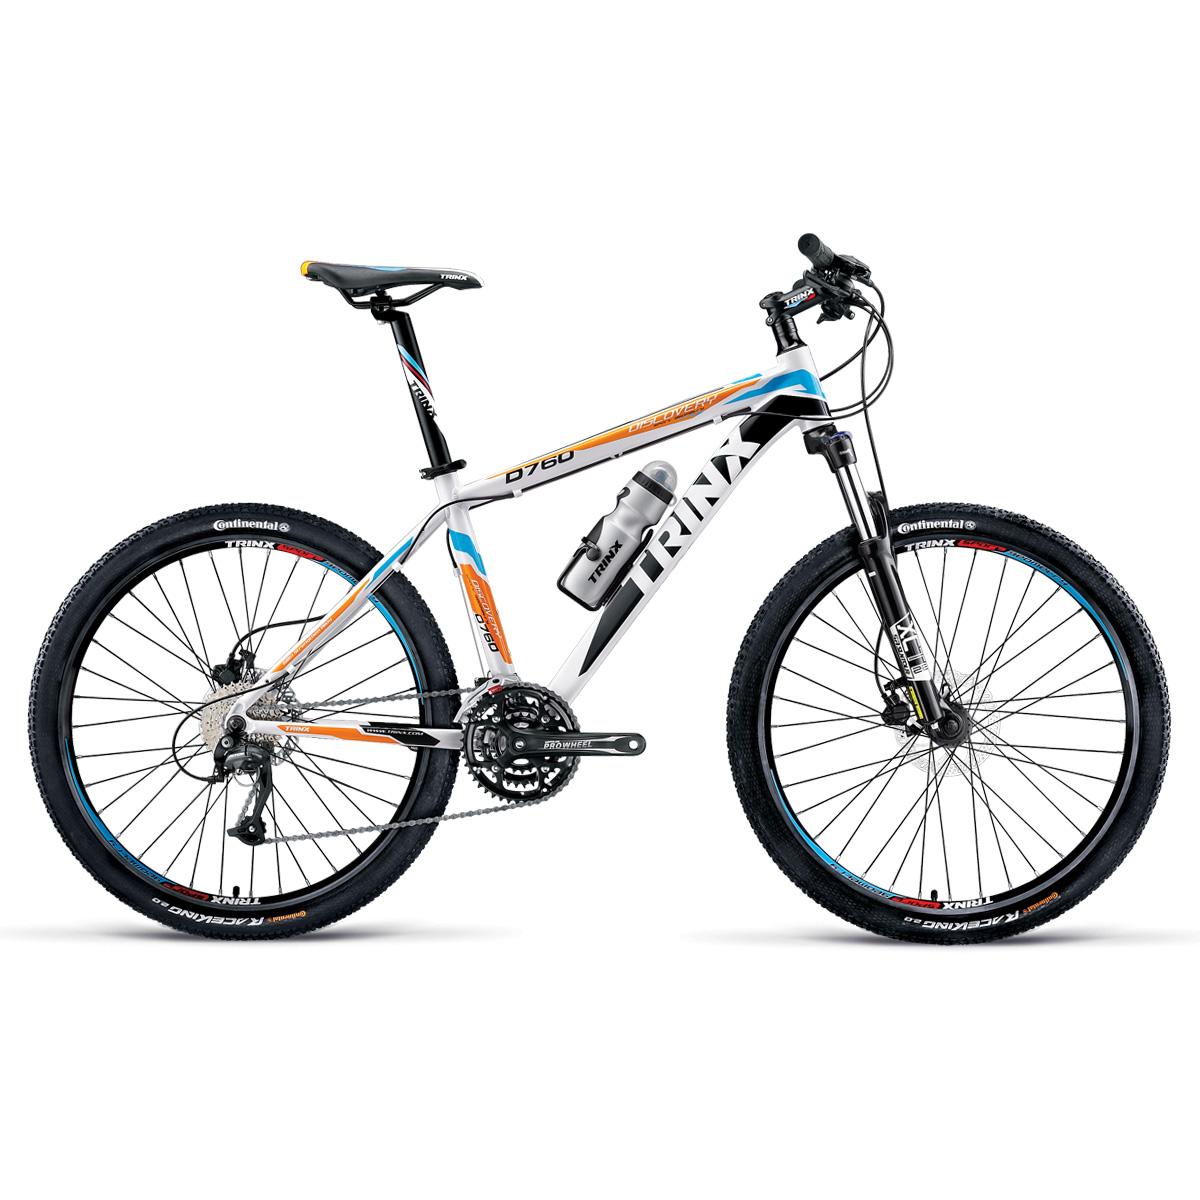 دوچرخه کوهستان ترینکس مدل D760 سایز 26 سال 2016 Trinx D760